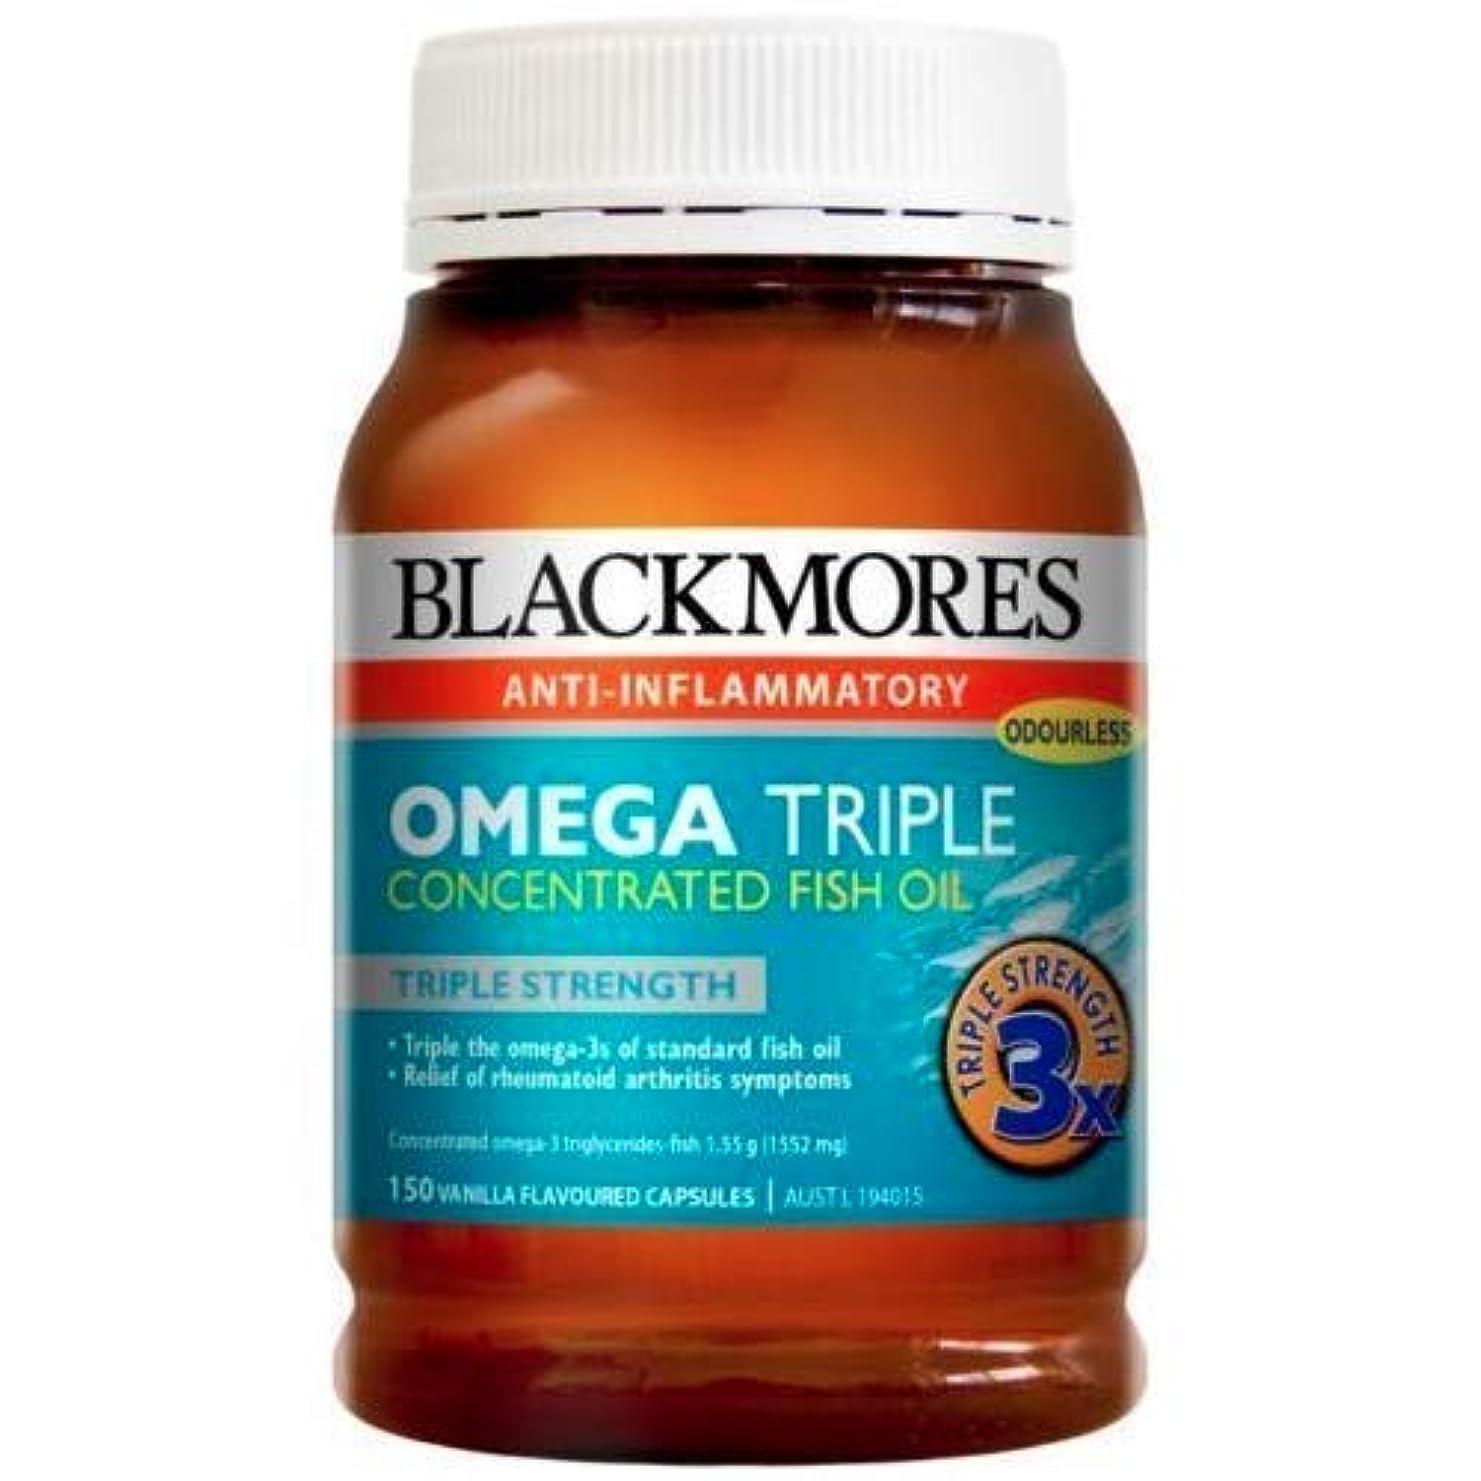 男らしい経済硫黄Blackmores オメガトリプル 濃縮フィッシュオイル 150カプセル [豪州直送品] [並行輸入品]